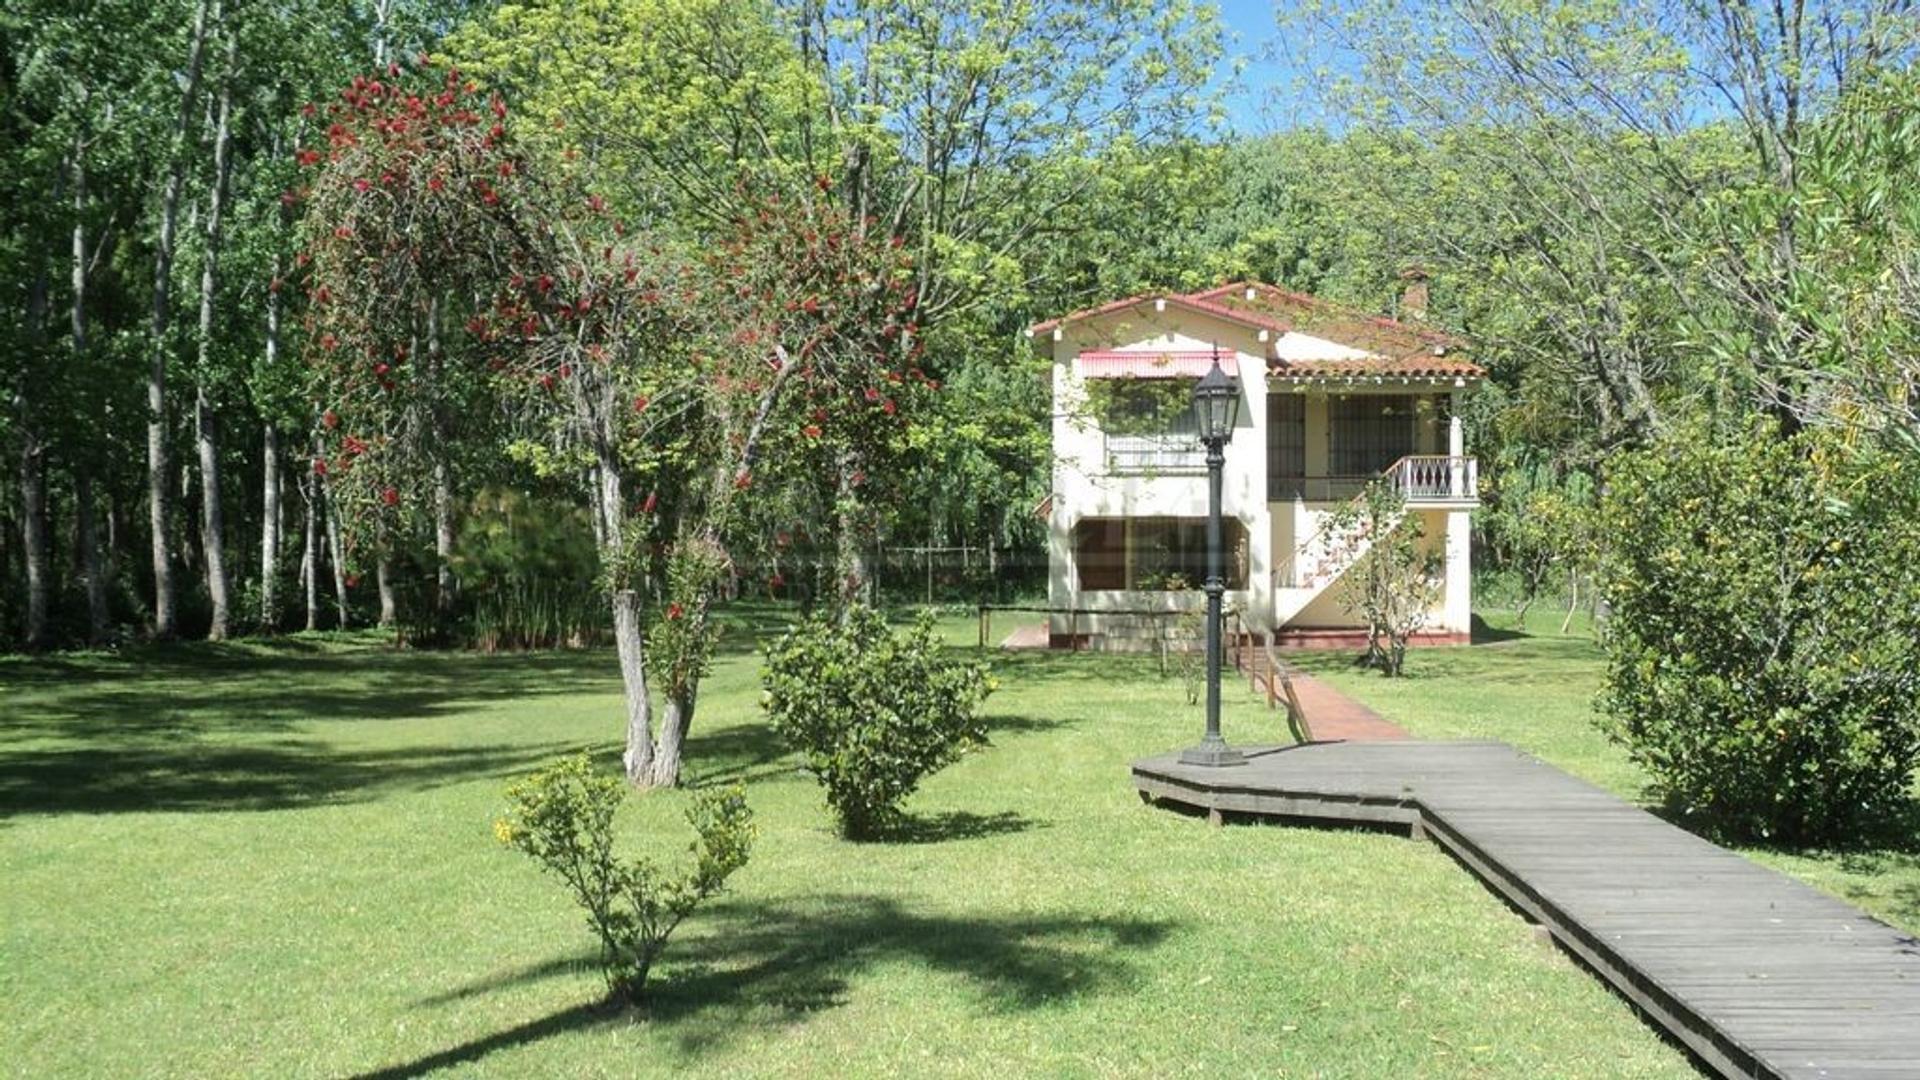 Venta de casa sobre el Paraná Mini segunda seccion de Islas